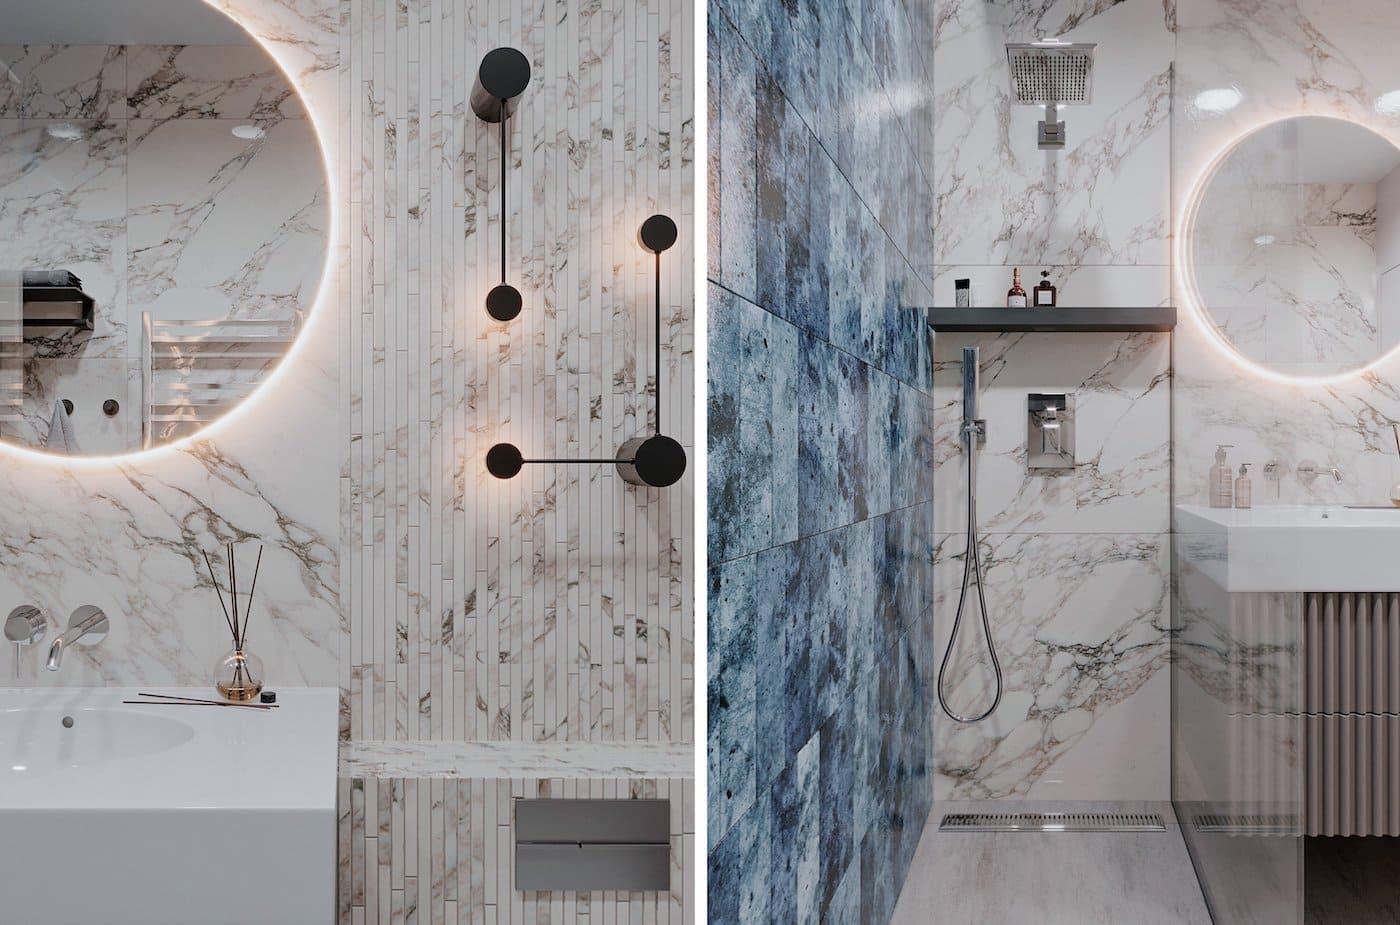 дизайн интерьера ванной комнаты фото 31